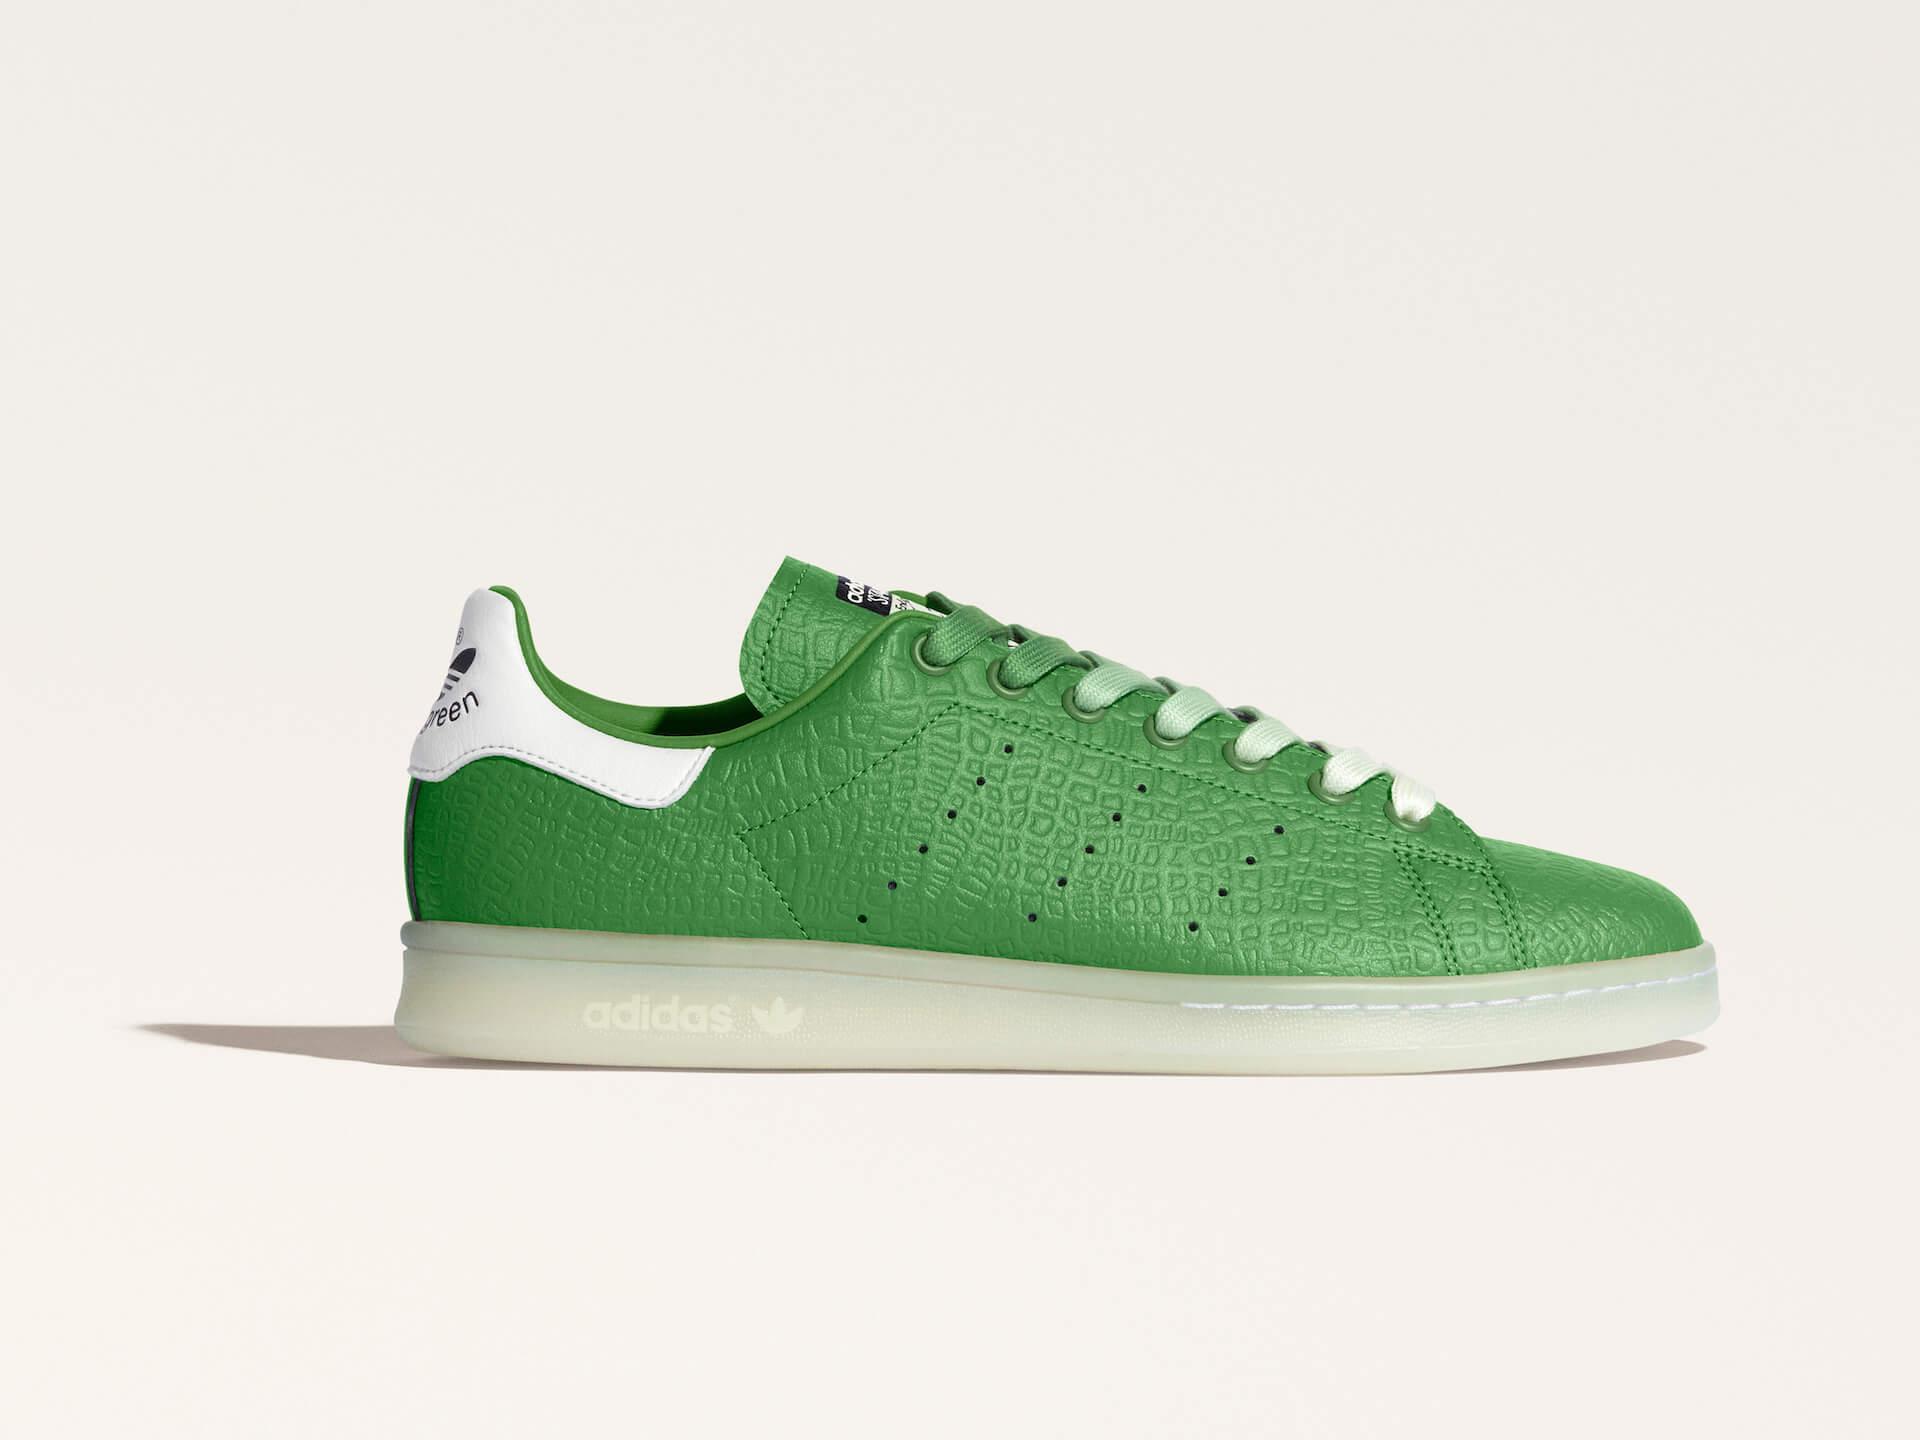 adidas「スタンスミス」のサステナブルコレクションに『モンスターズ・インク』マイク・ワゾウスキやマーベル・ハルクを配したモデルが登場! life210323_adidas_stansmith_8